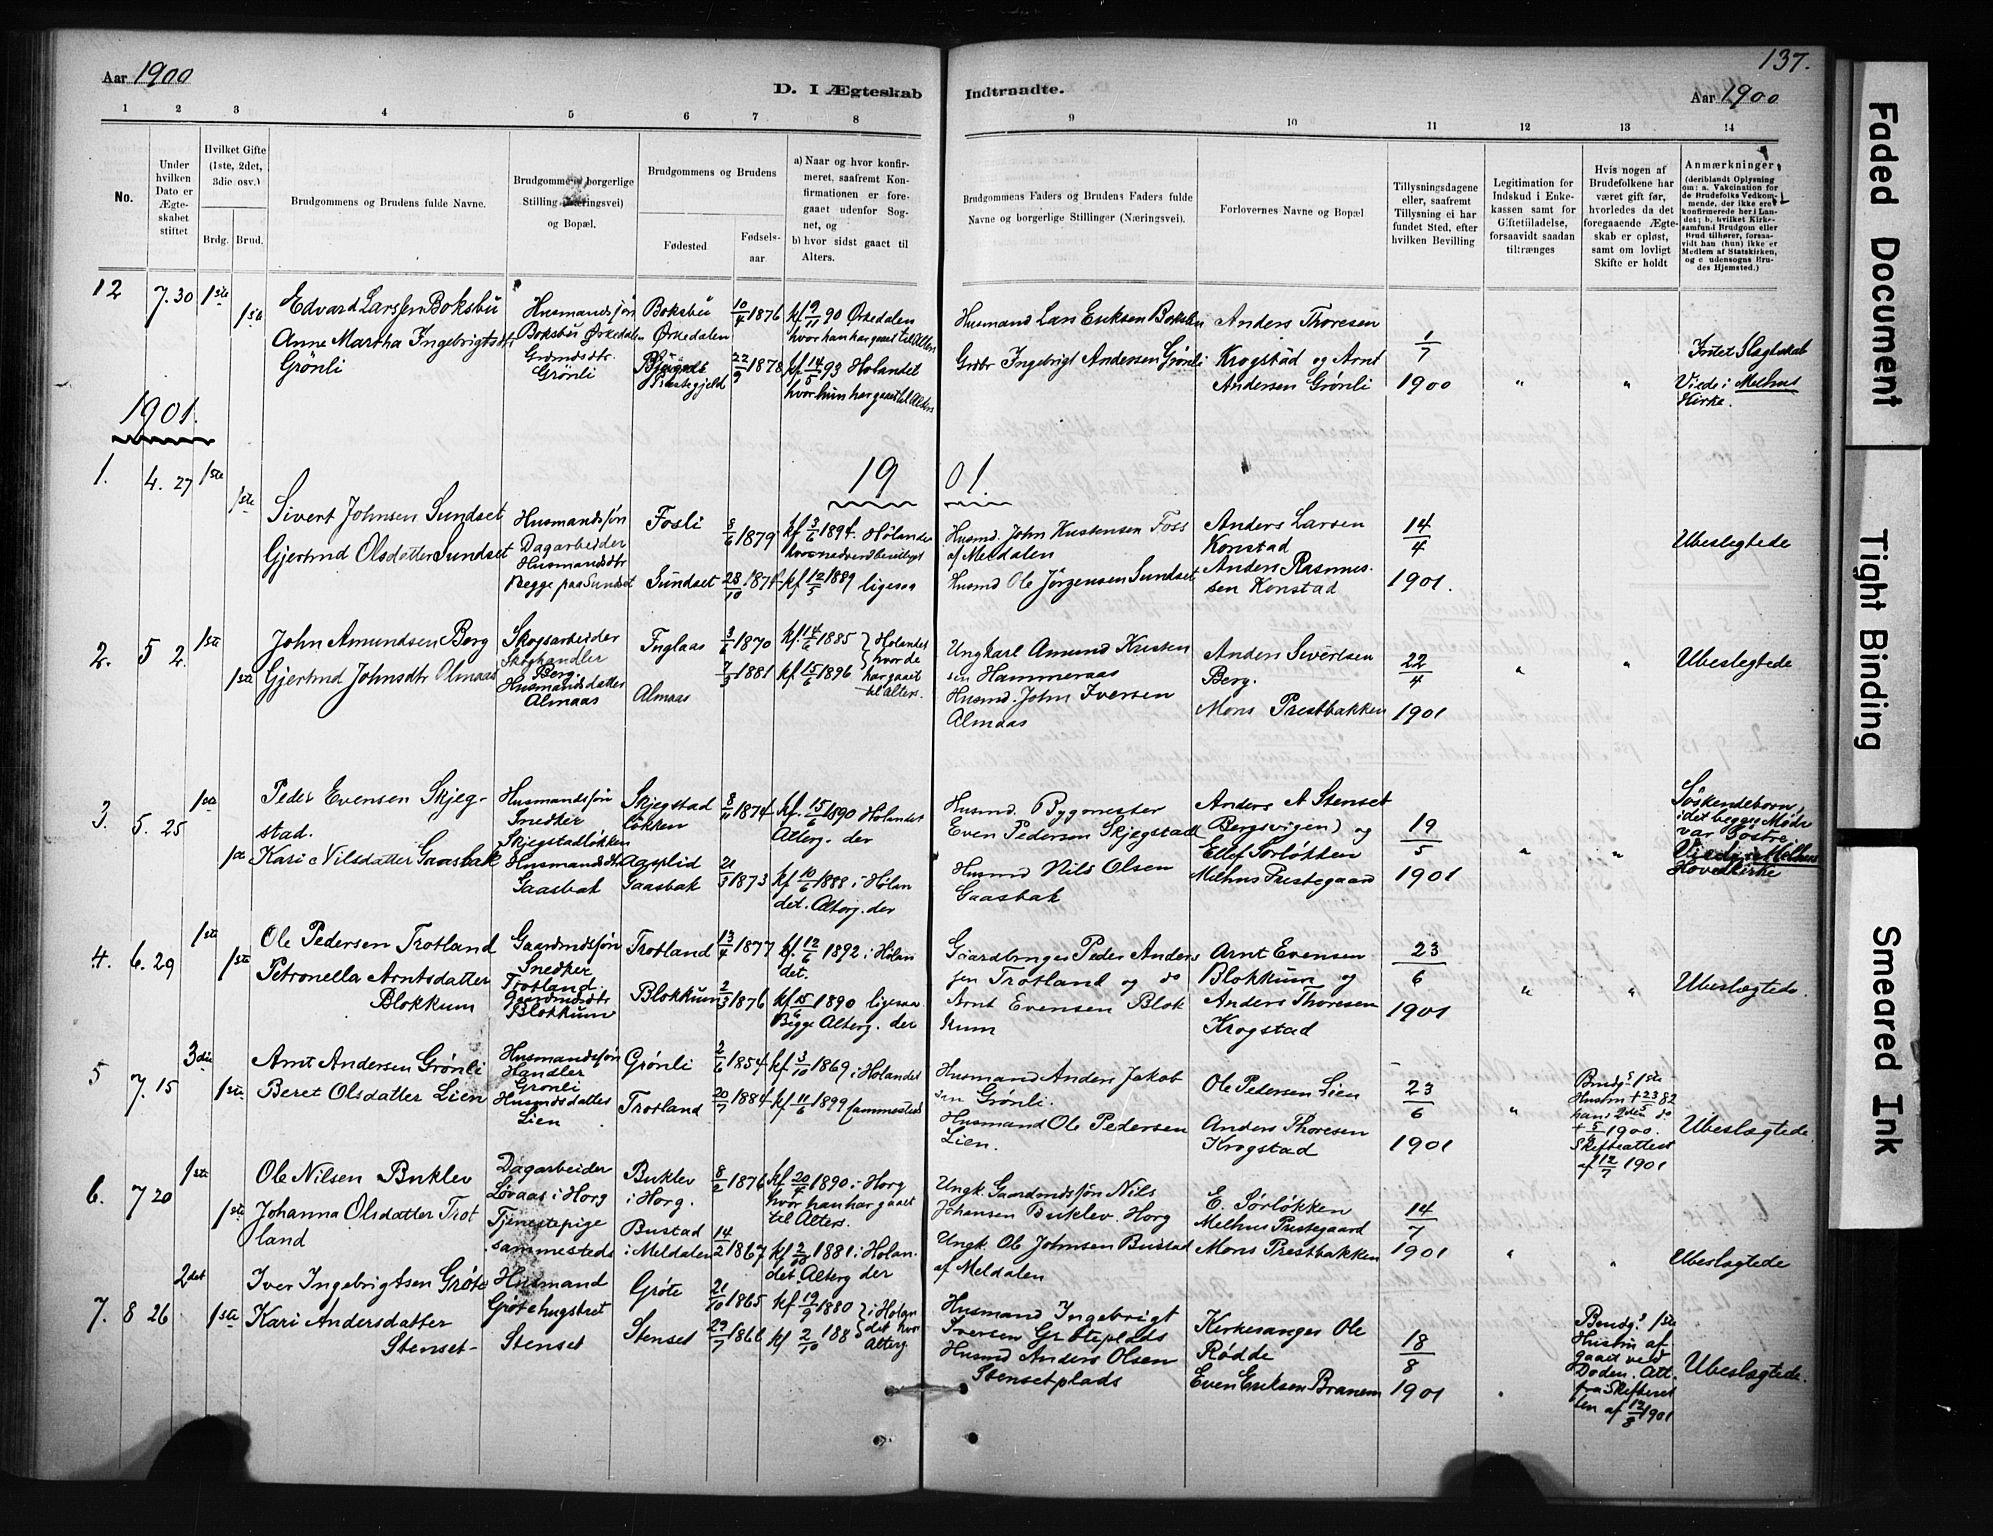 SAT, Ministerialprotokoller, klokkerbøker og fødselsregistre - Sør-Trøndelag, 694/L1127: Ministerialbok nr. 694A01, 1887-1905, s. 137